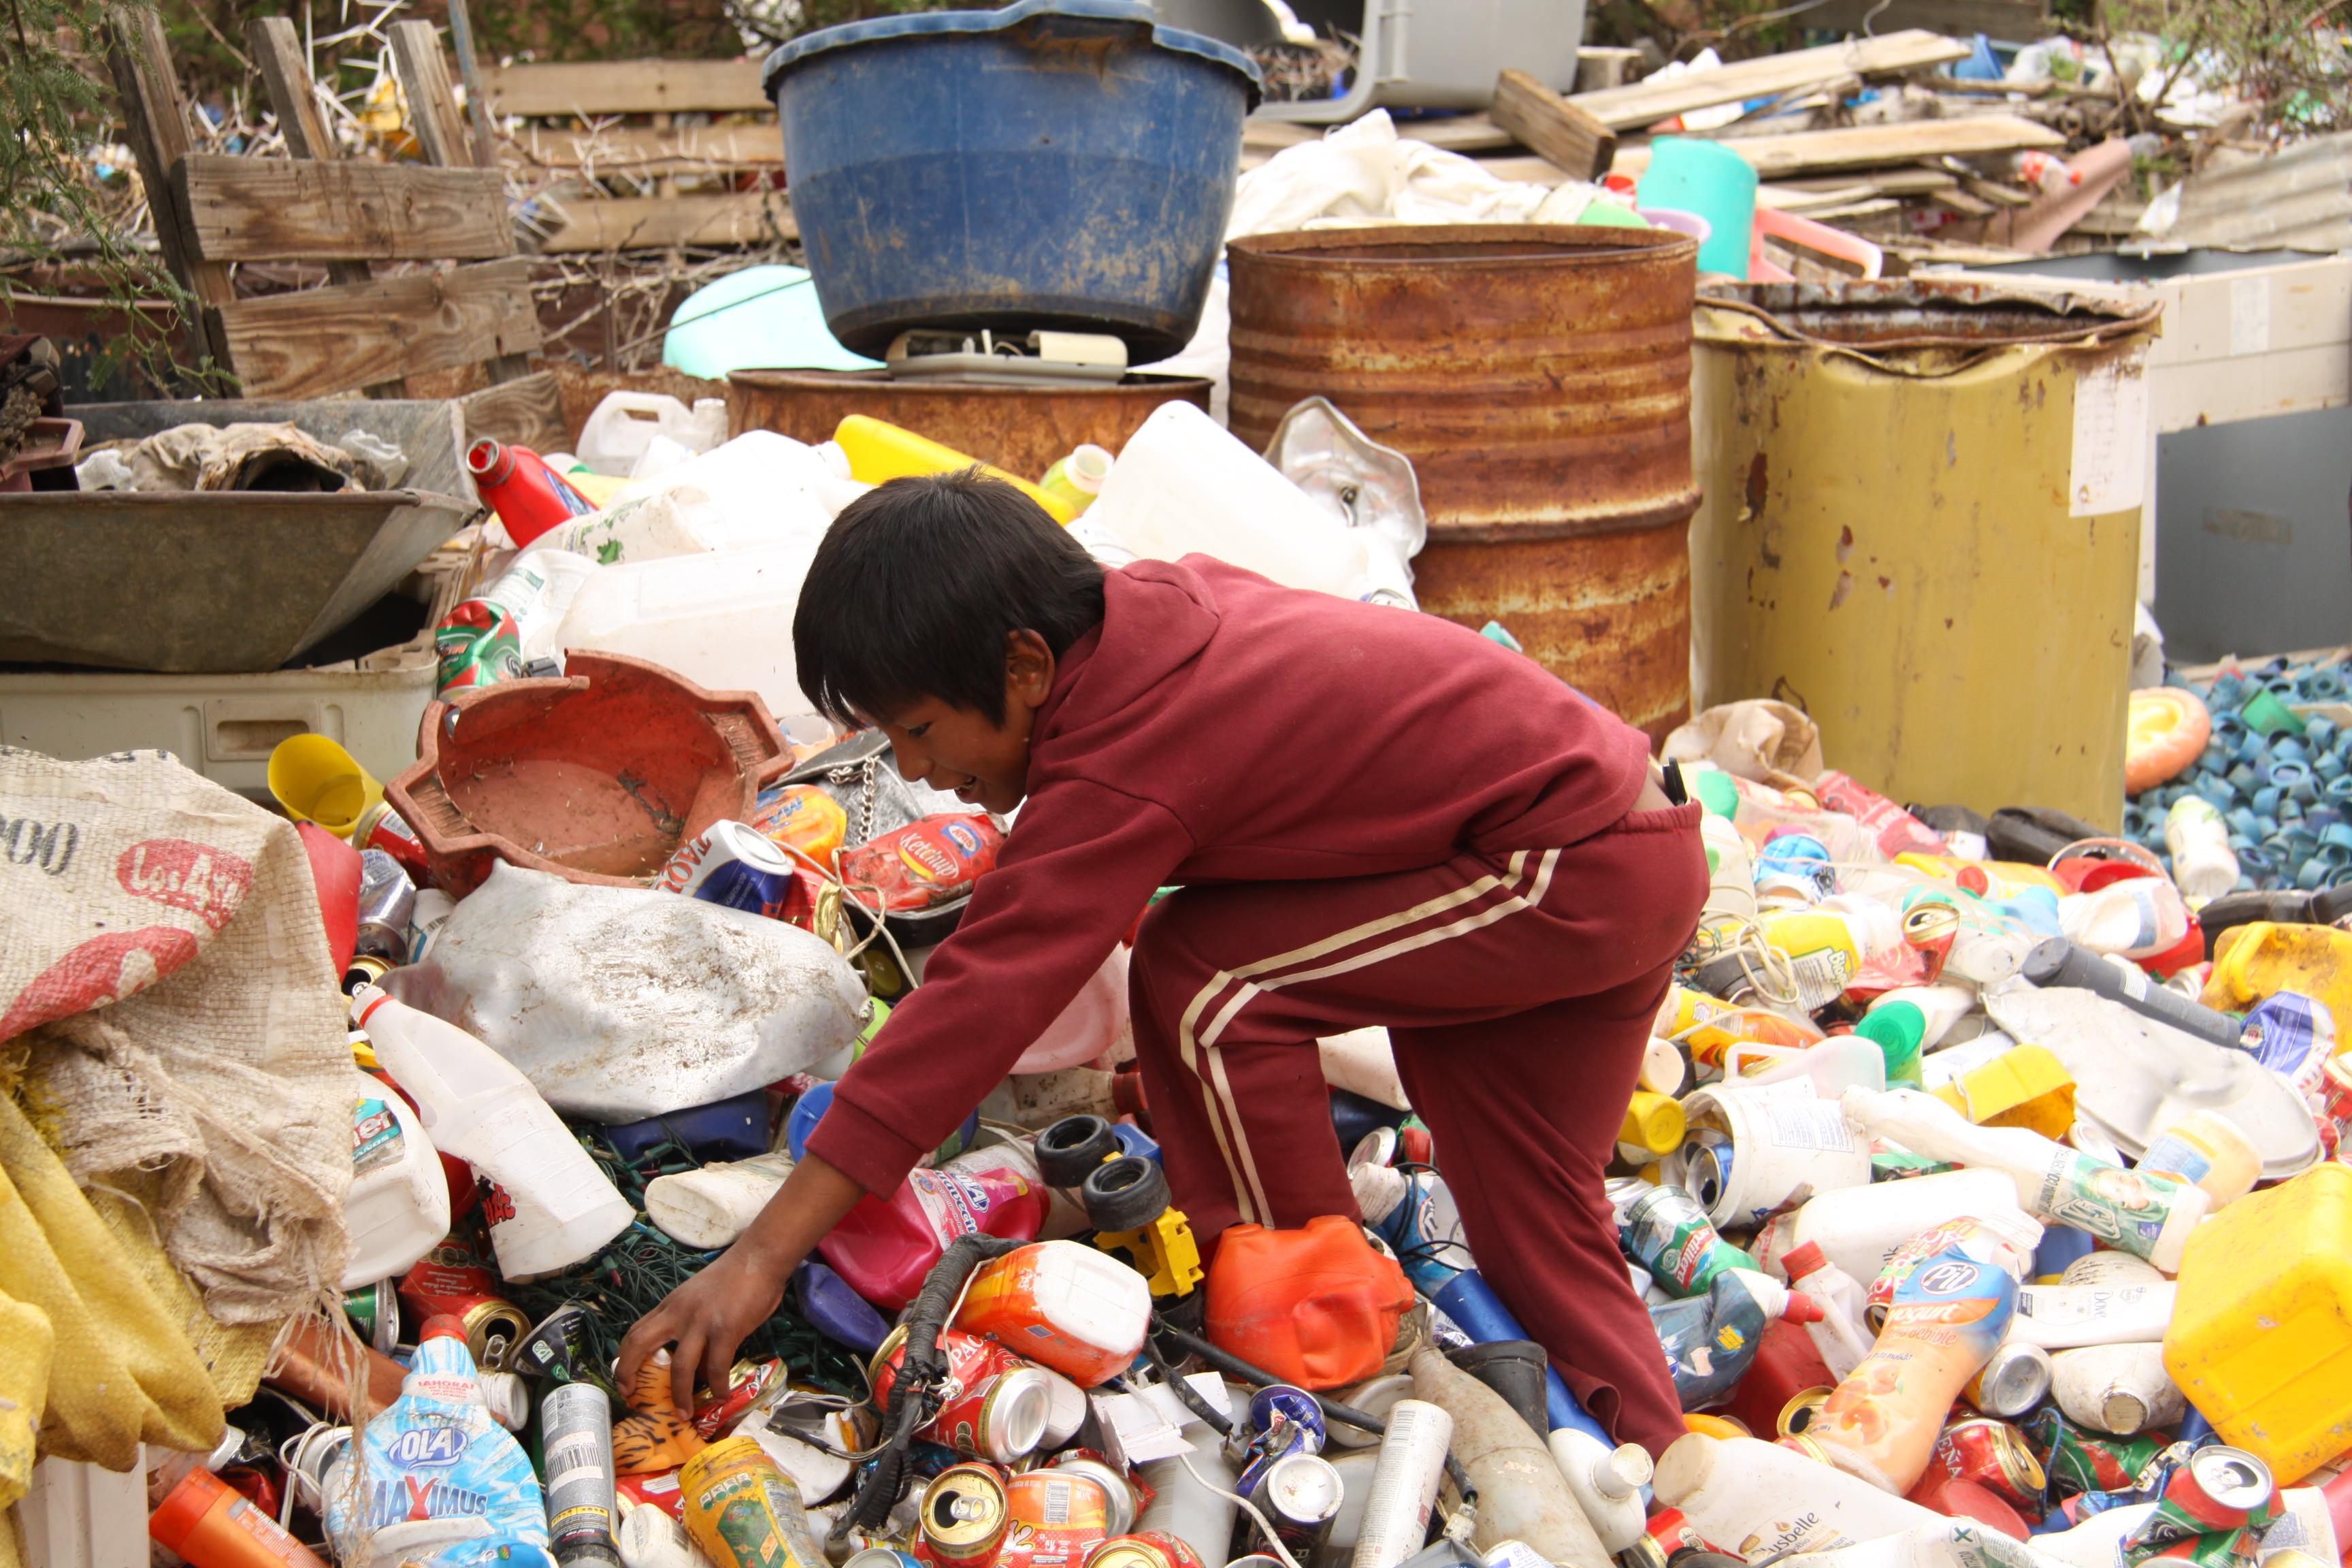 Bolivian sponsored child searches through rubbish